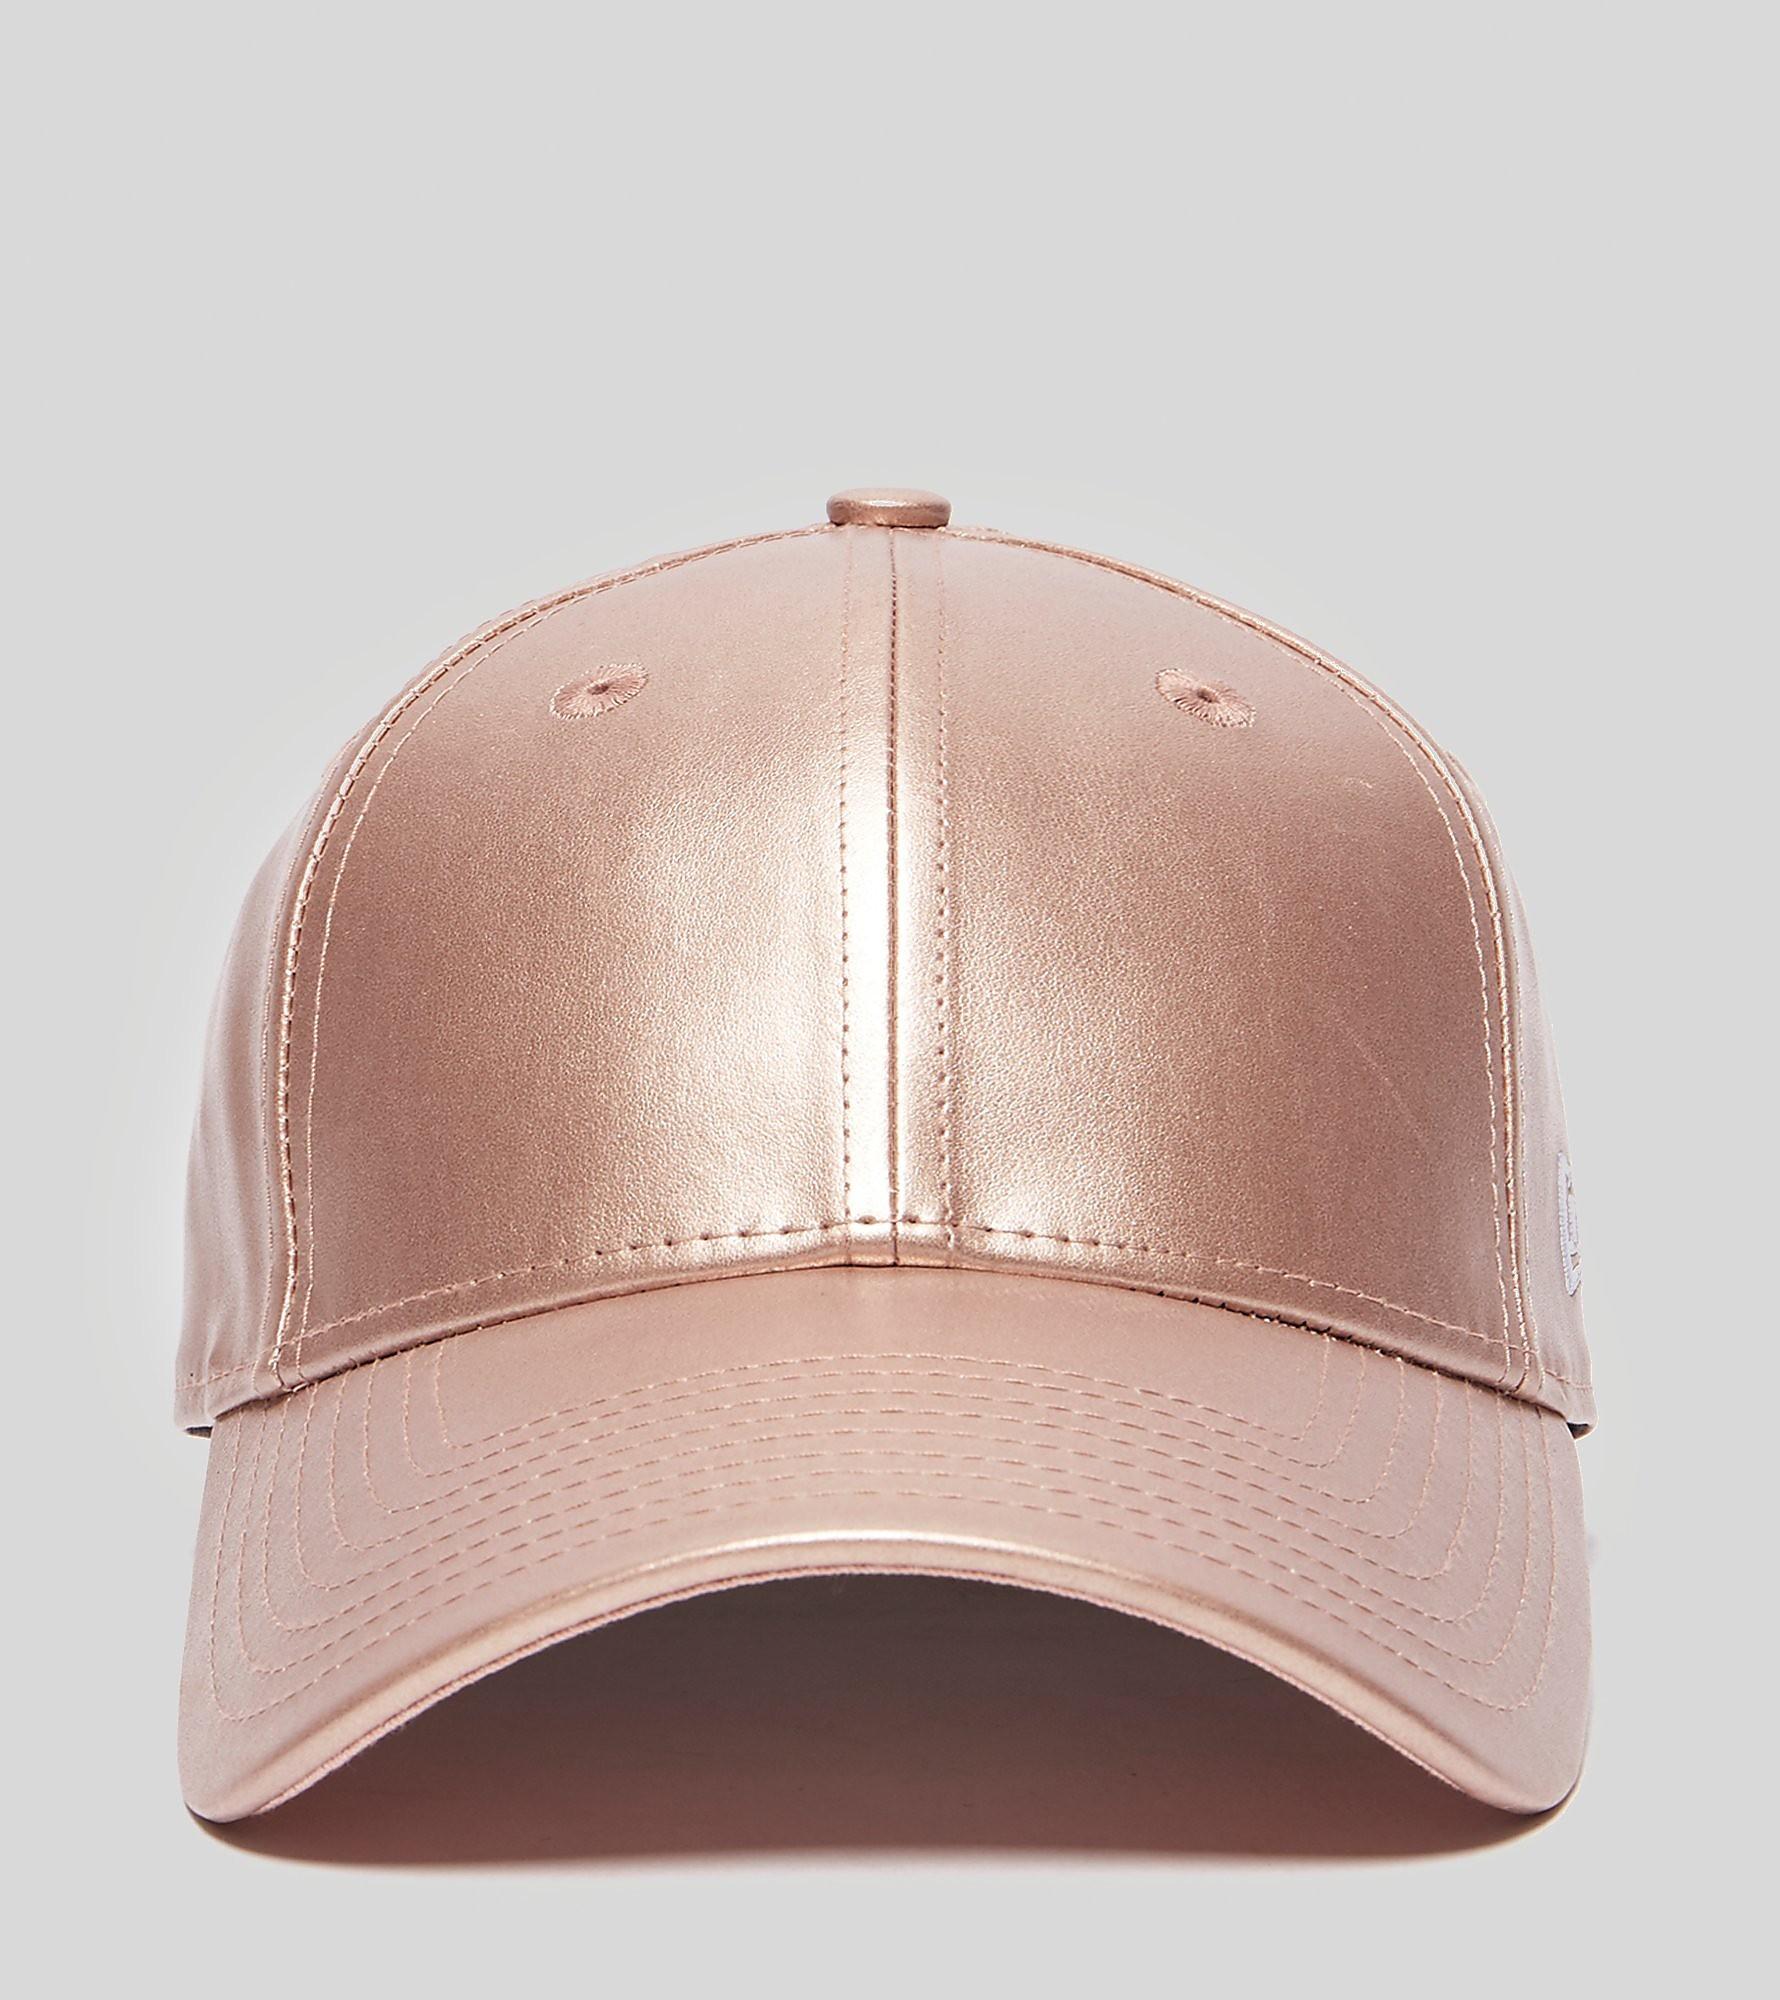 New Era 9FORTY Metallic Cap Women's